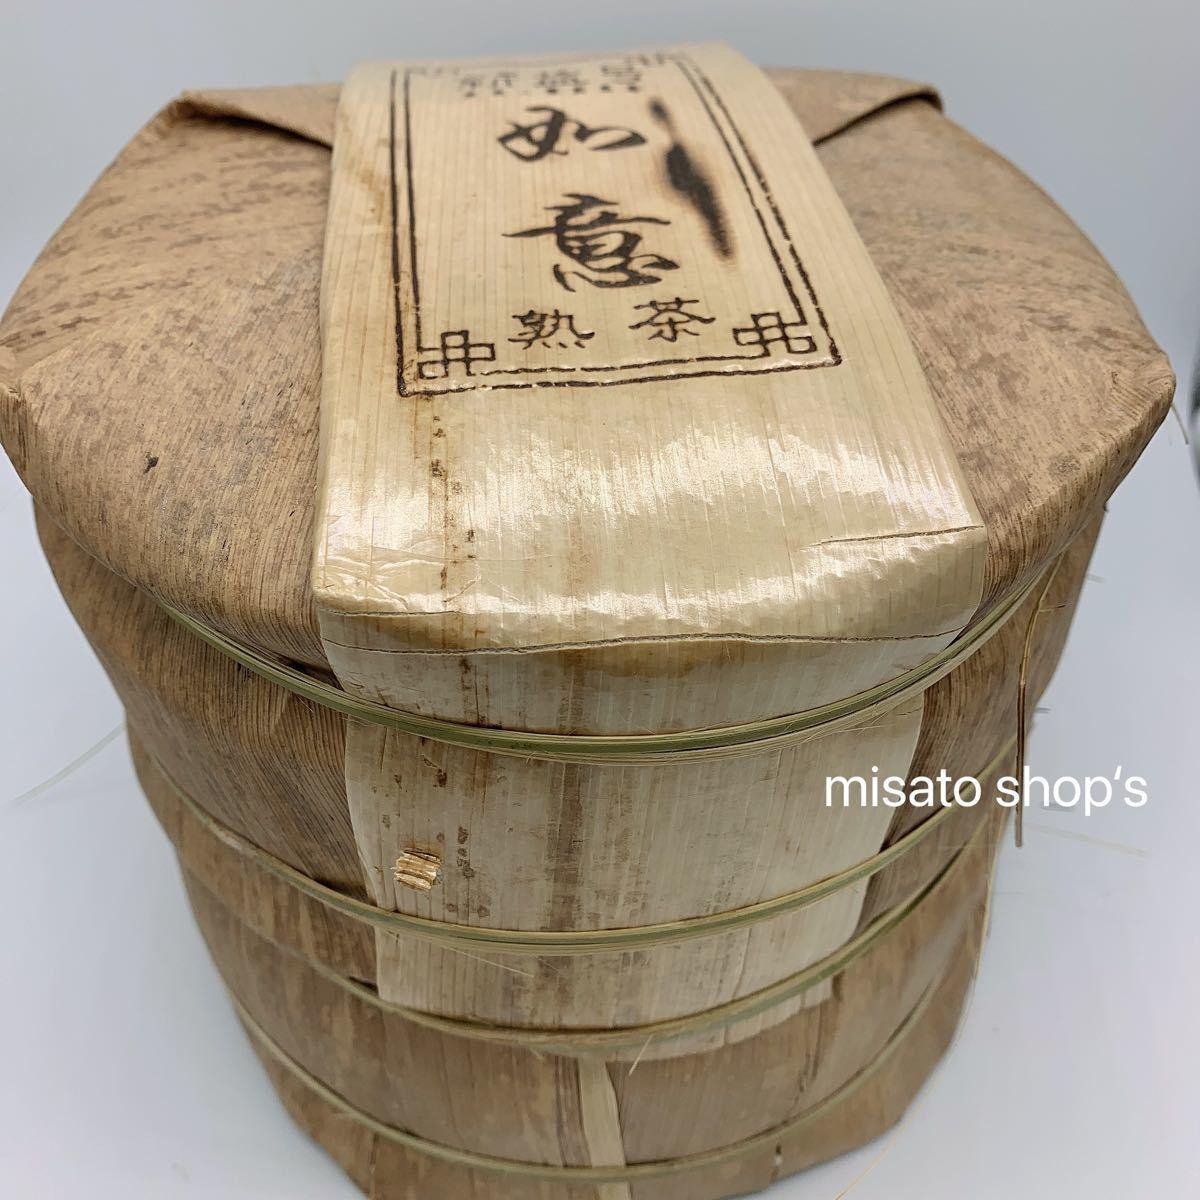 雲南七子餅プーアル茶 熟茶 新益号 【如意 】357g  2012